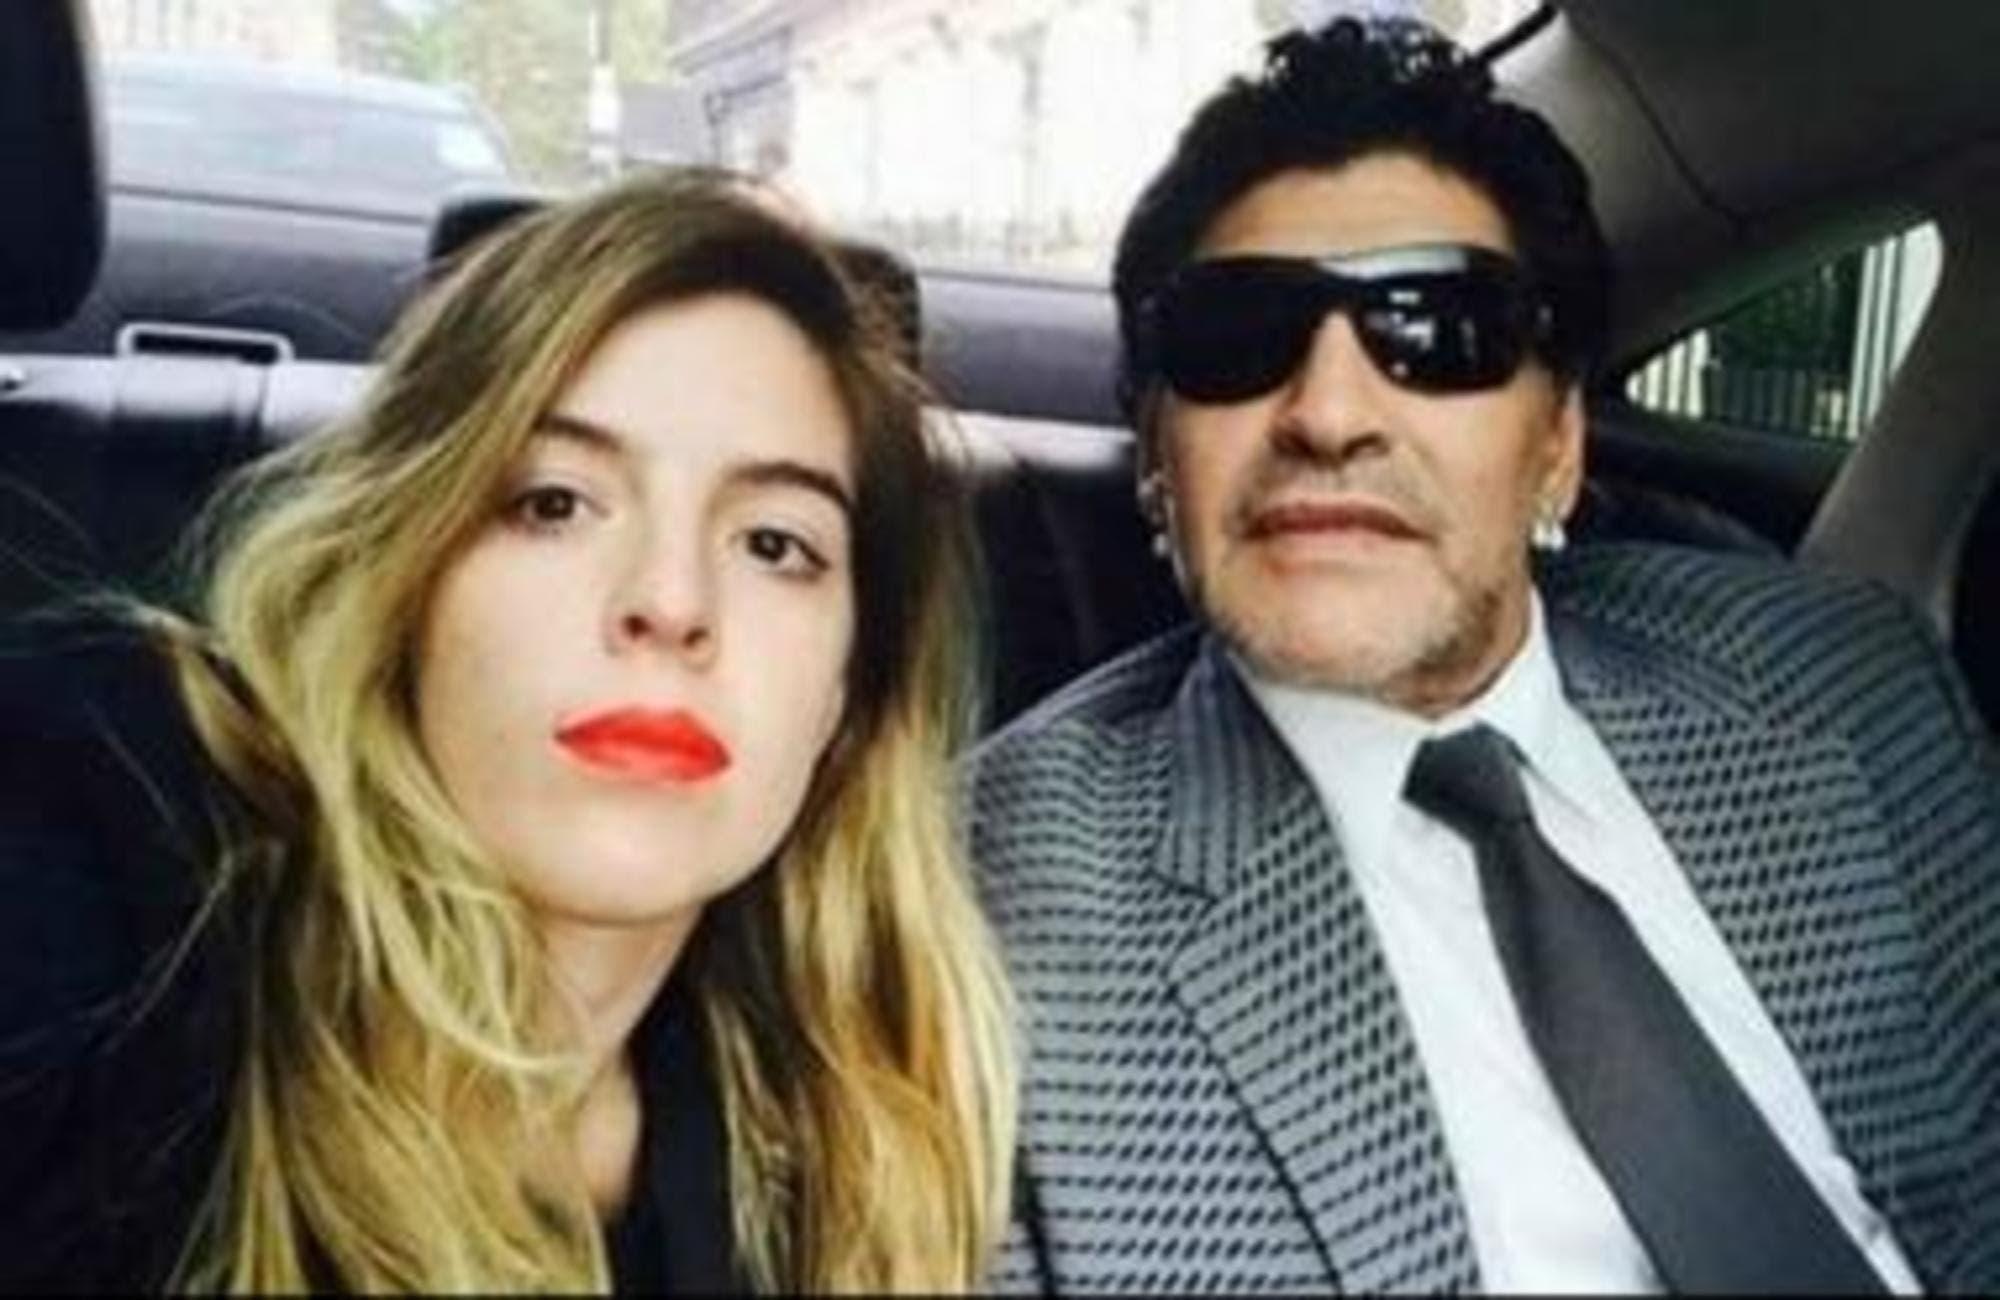 El saludo de cumpleaños de Diego Maradona a Dalma con indirecta para Claudia